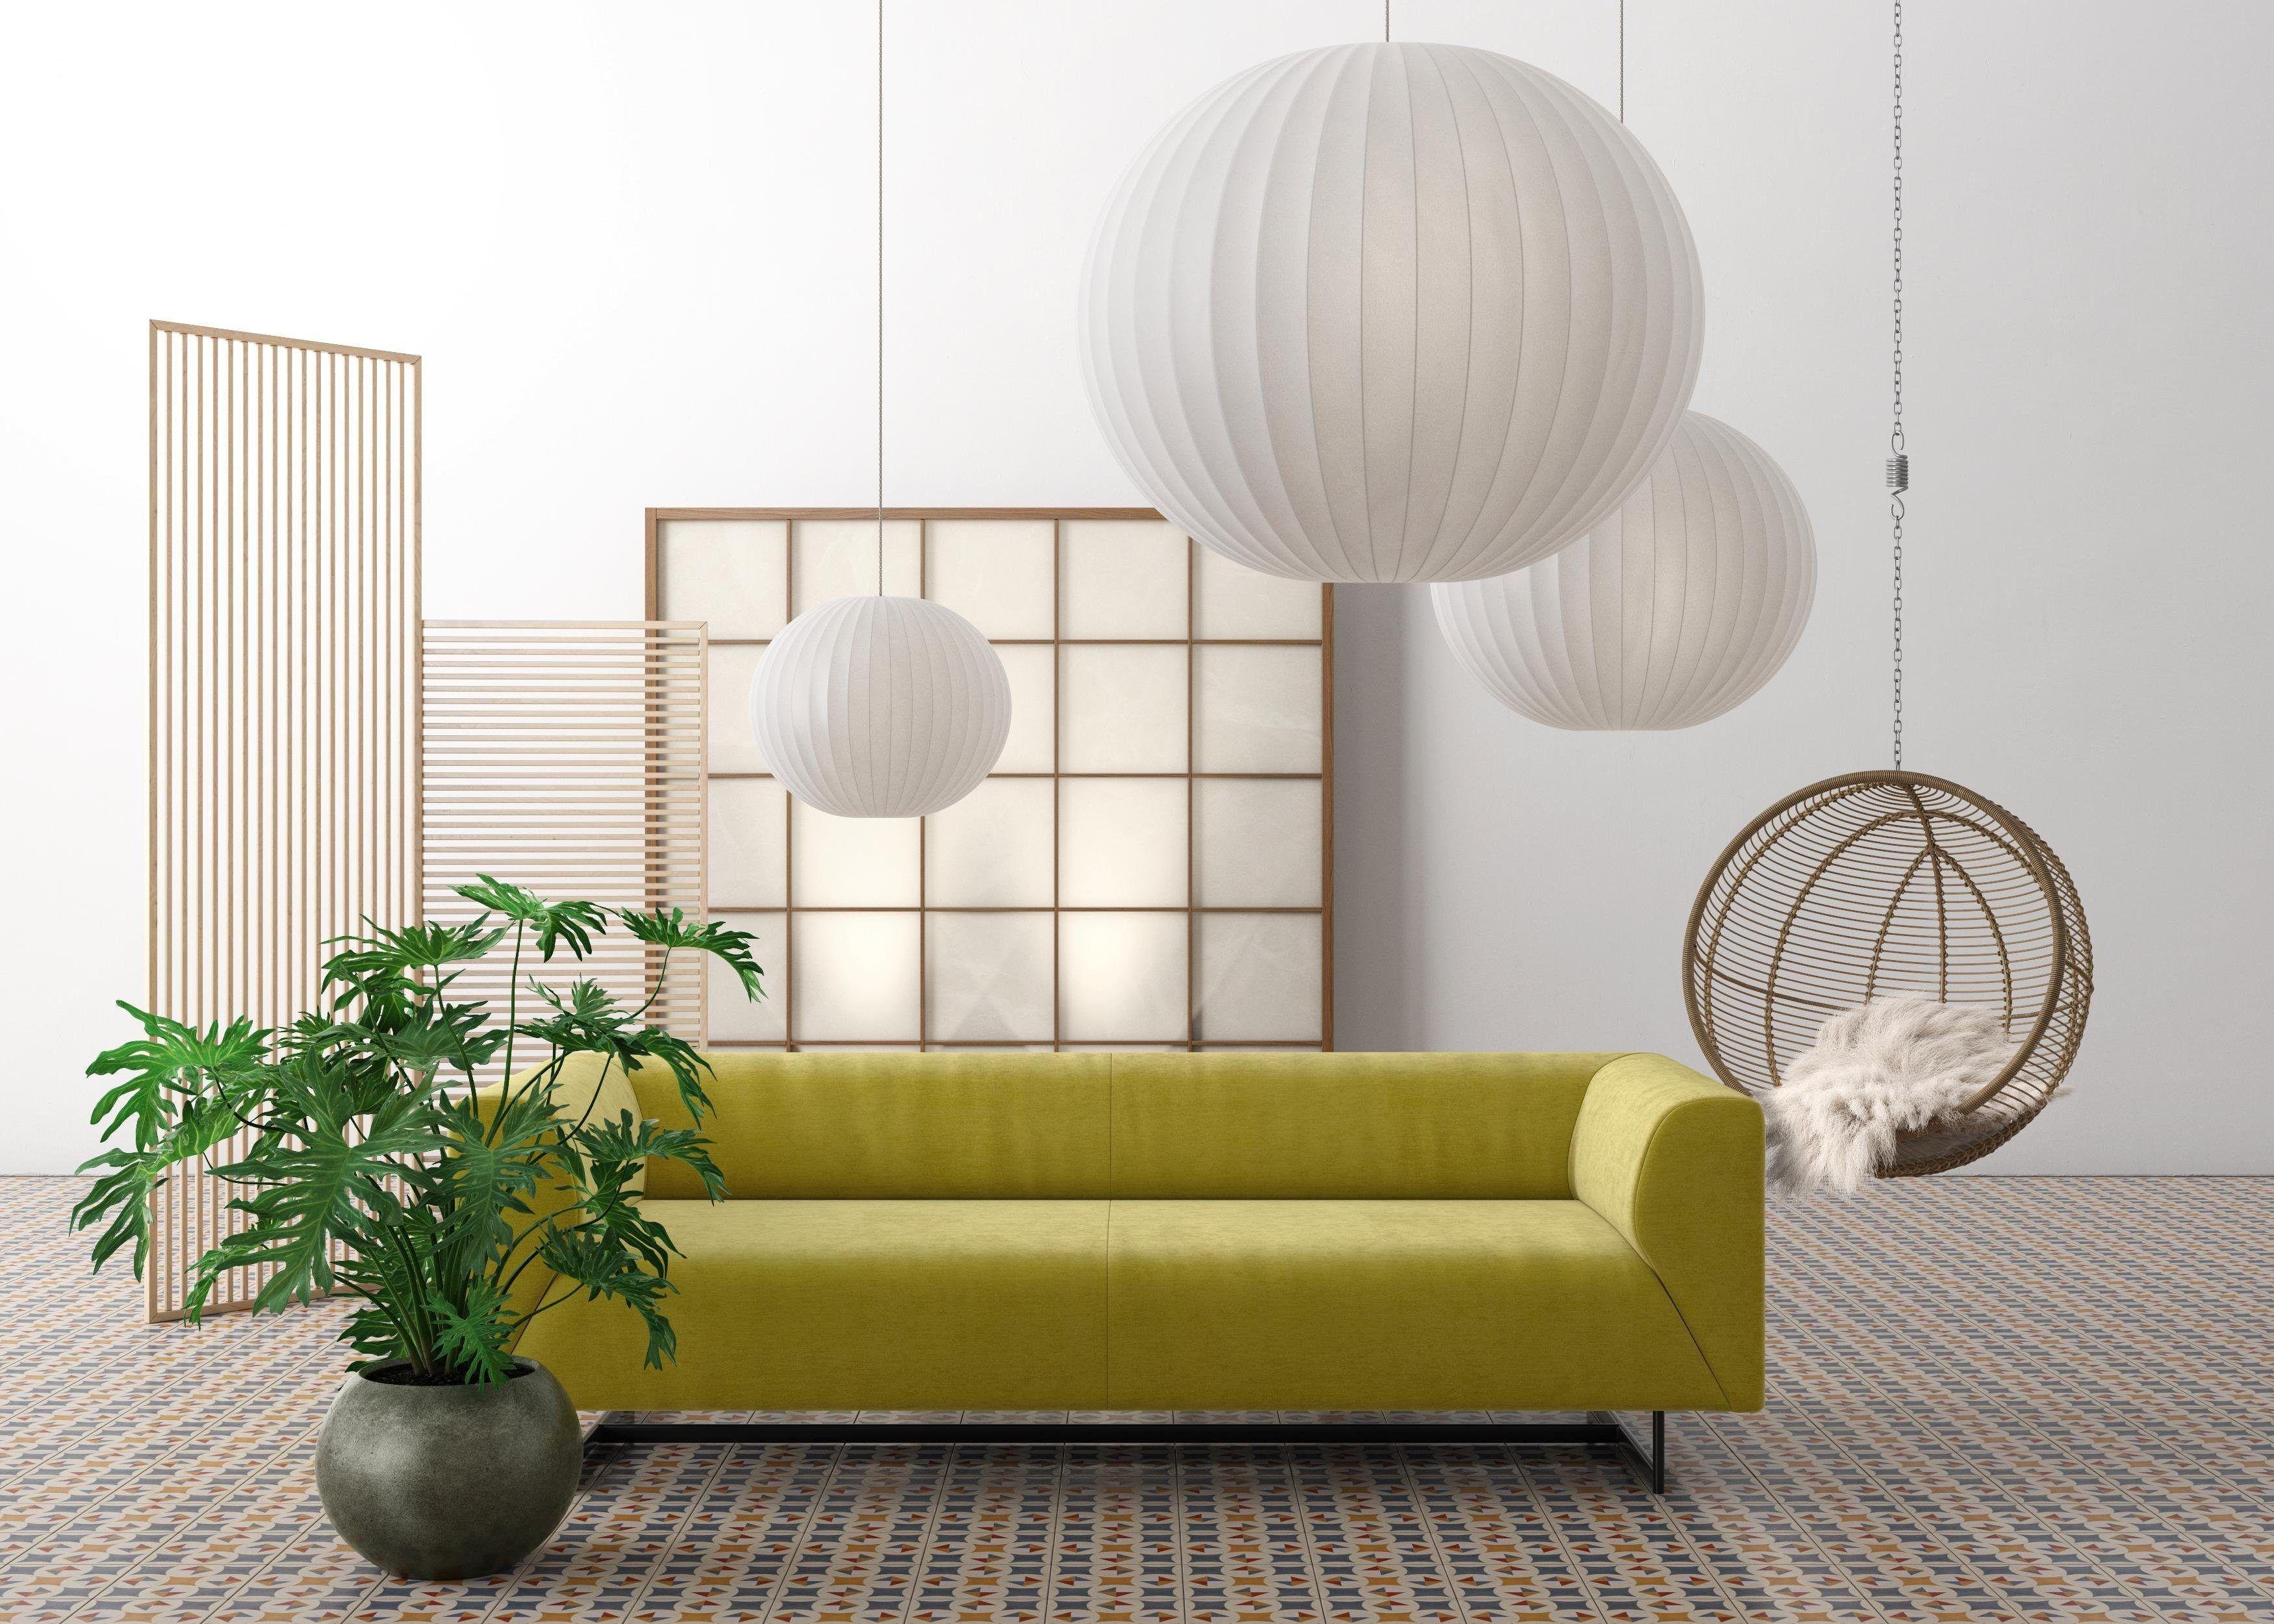 Machalke 2 5 Sitzer Wedge 3 Sitzer Sofa Sofa Design